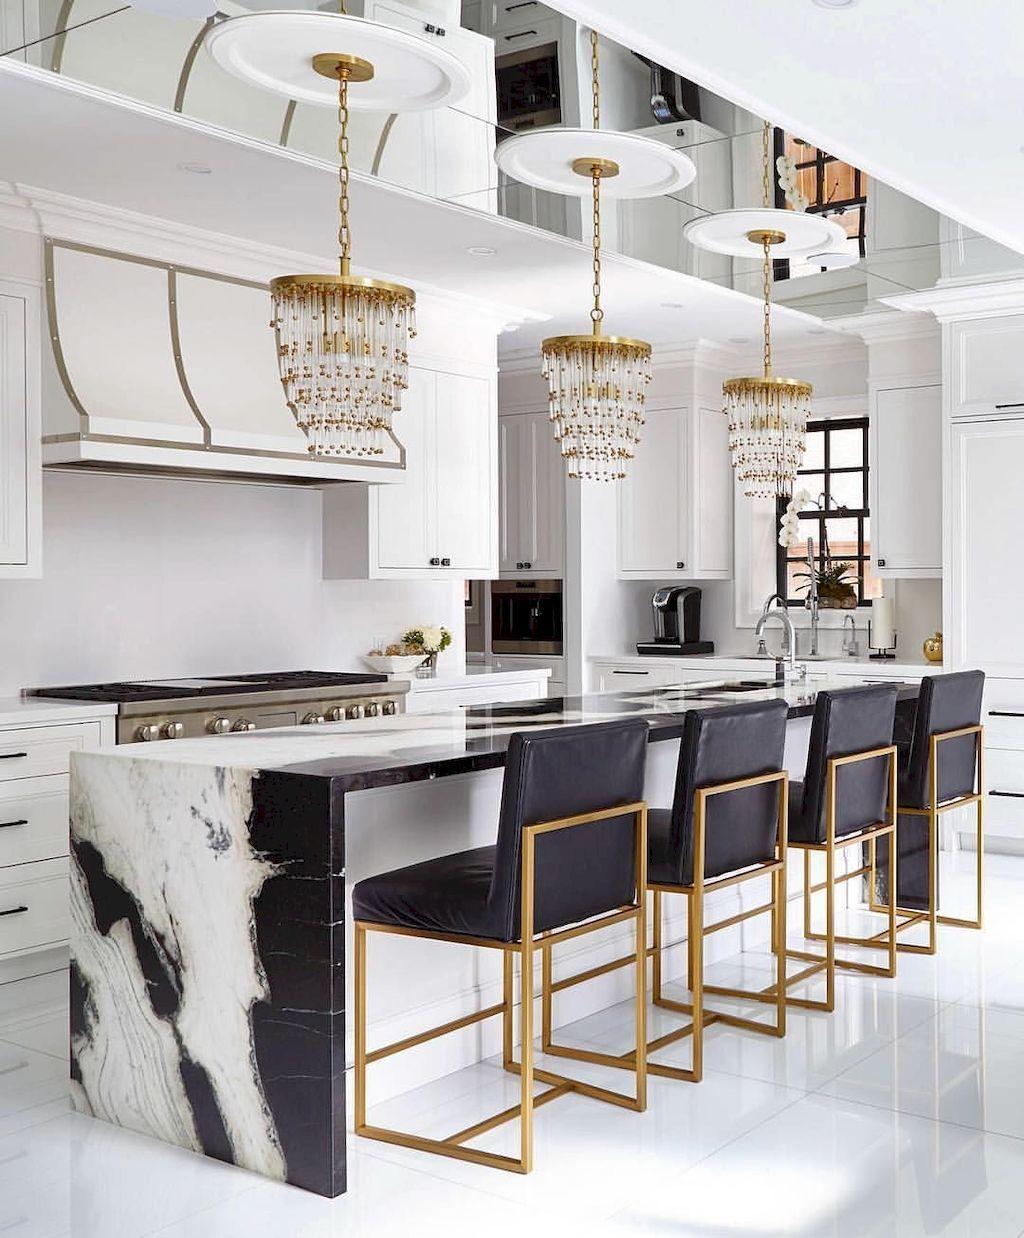 inspiring kitchen floor plans you will love design amazing interior decor home also rh pinterest